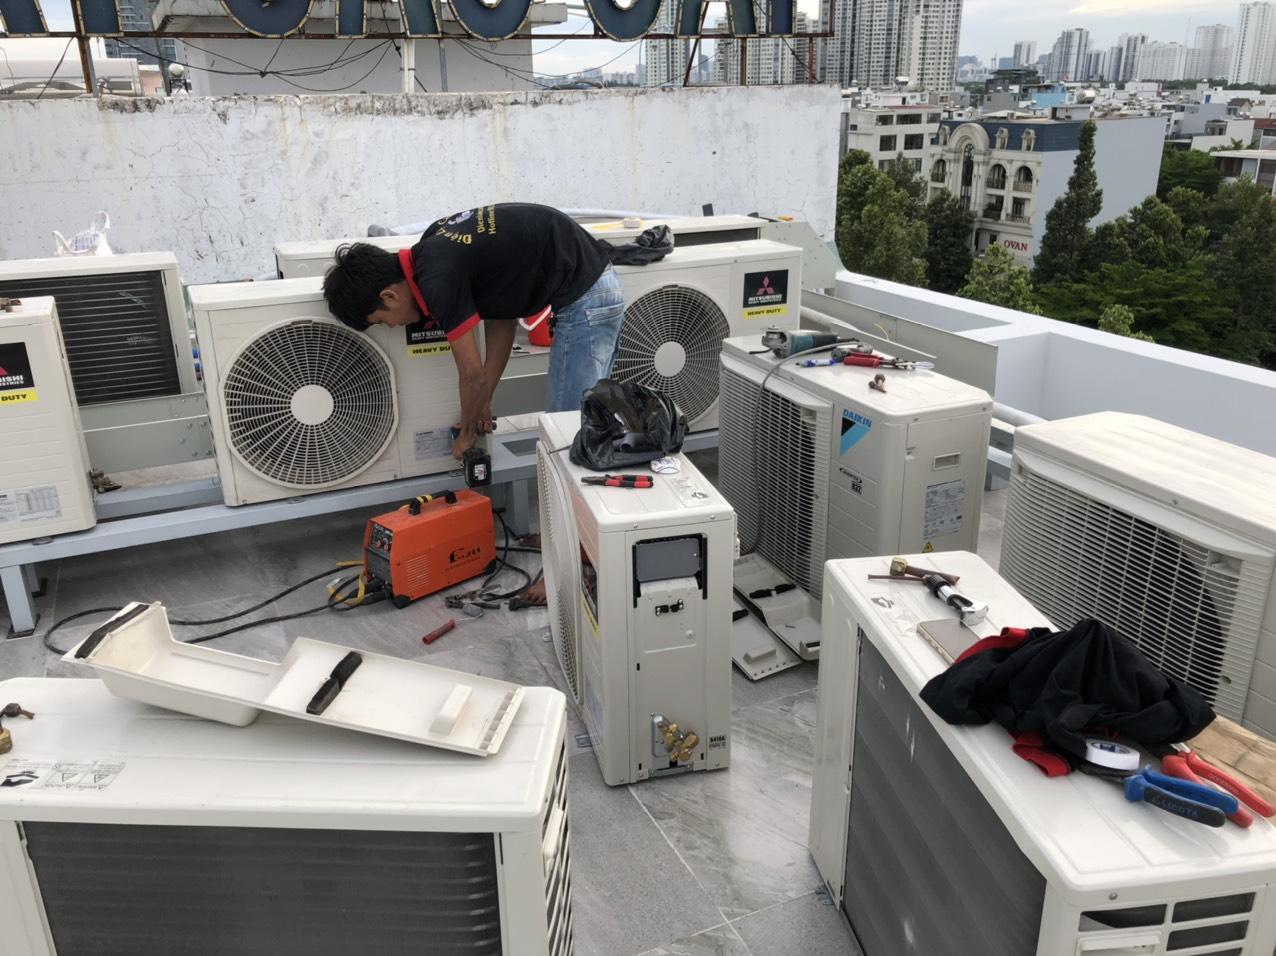  thi công máy lạnh công trình  Click and drag to move 